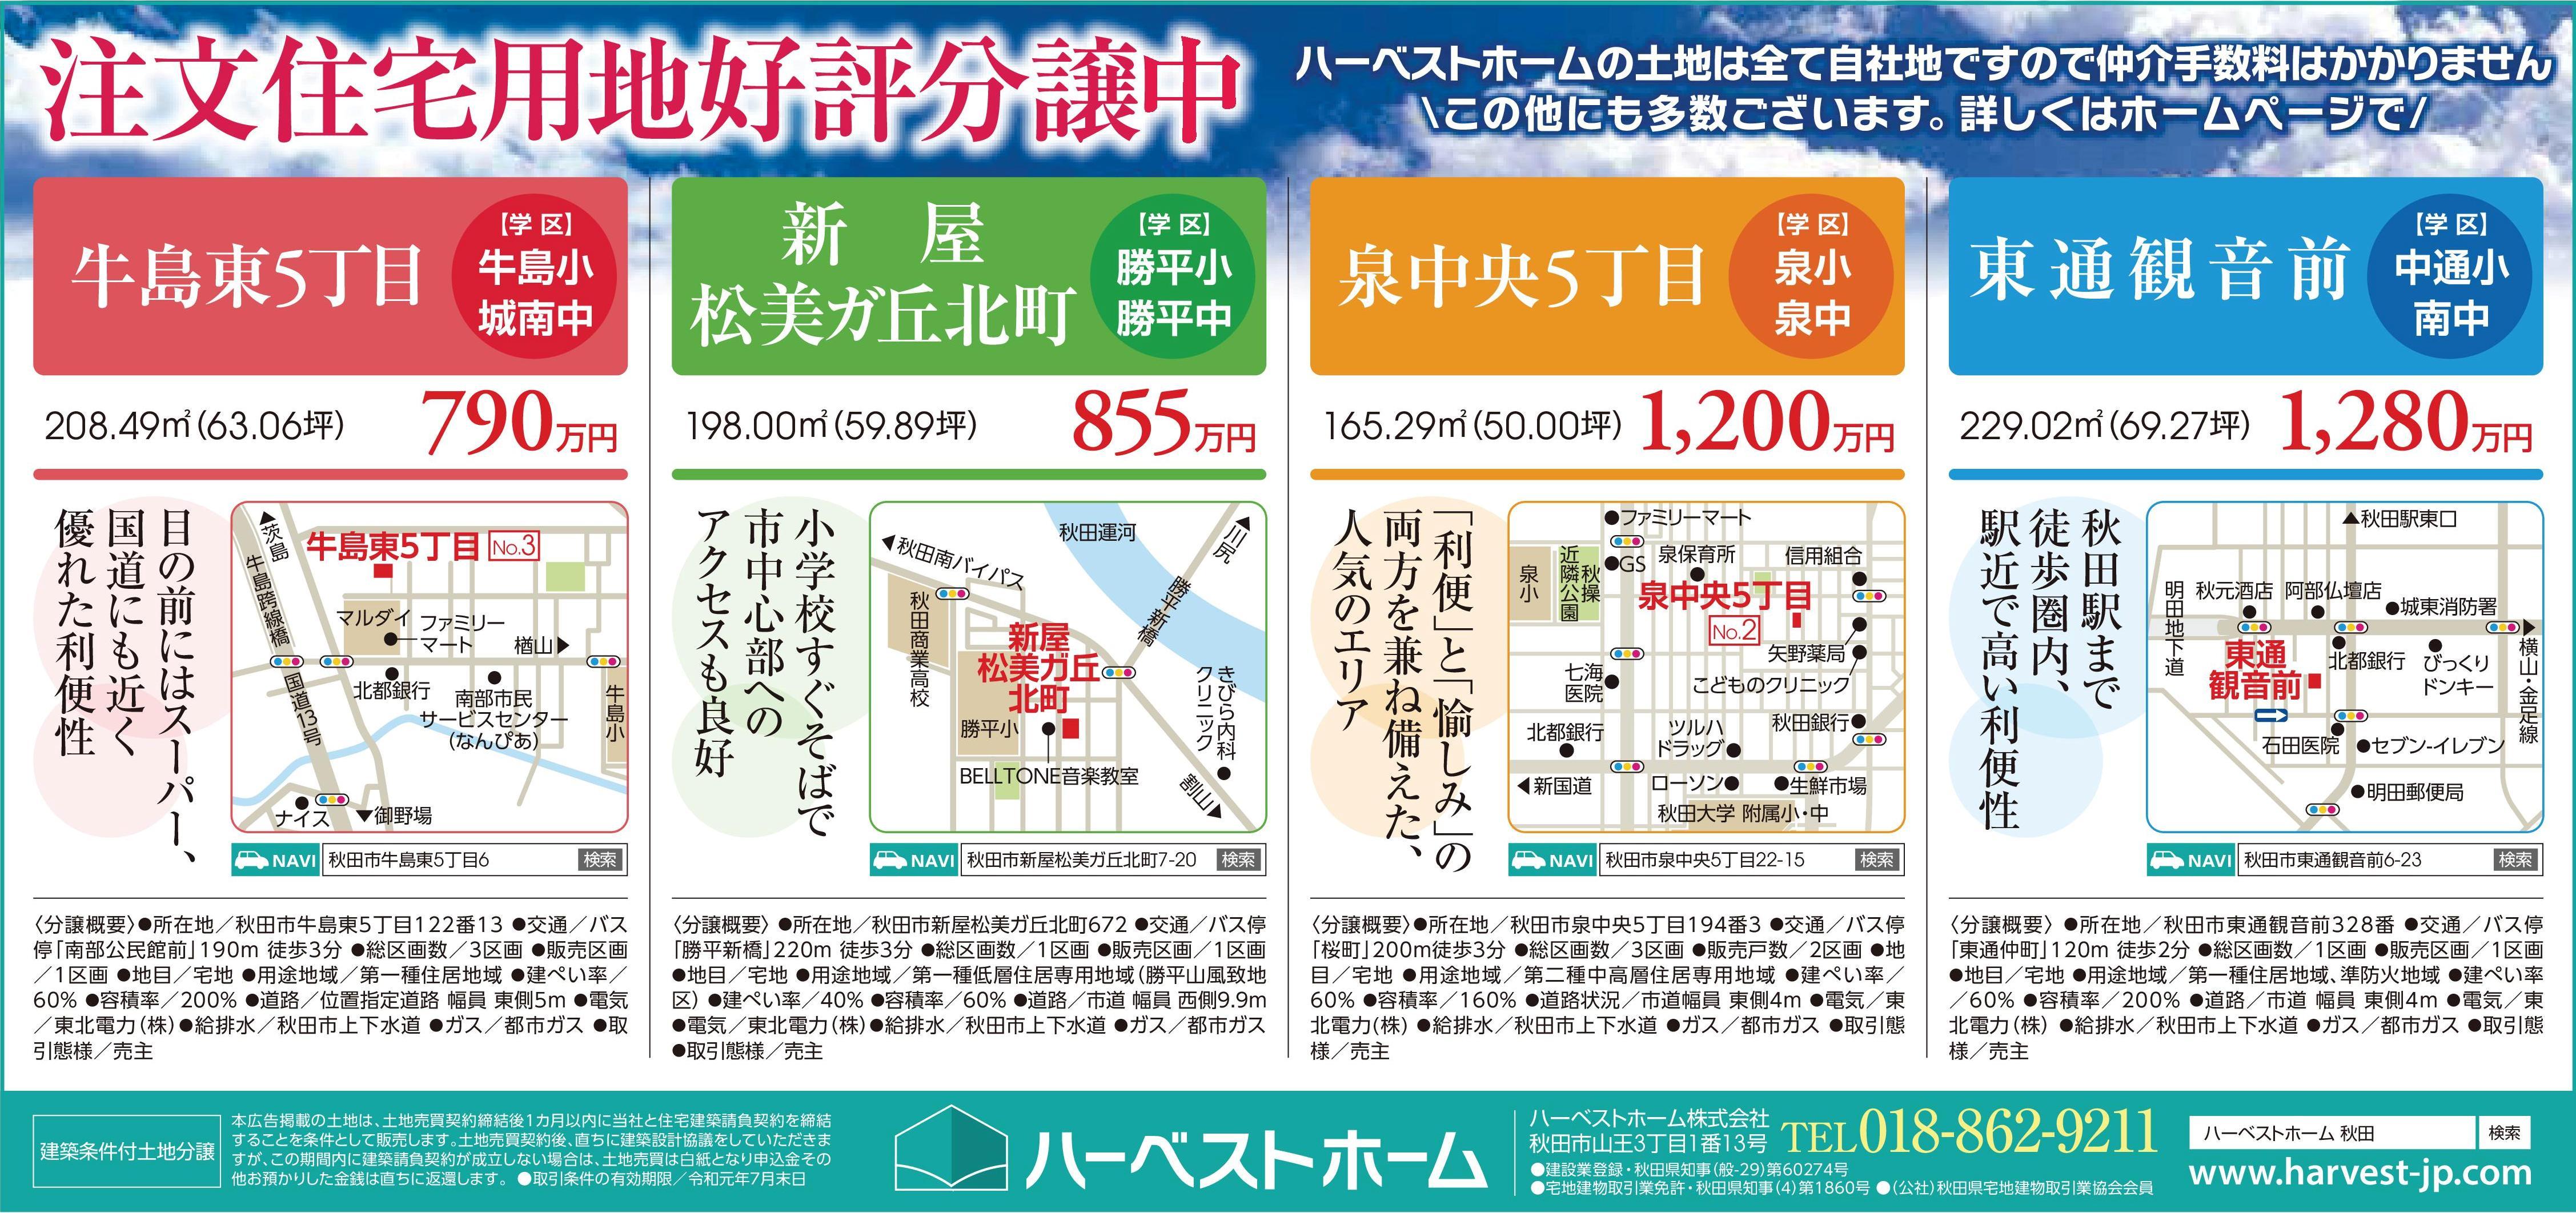 注文住宅用地情報です「牛島東」「松美ガ丘」「泉中央」「東通」